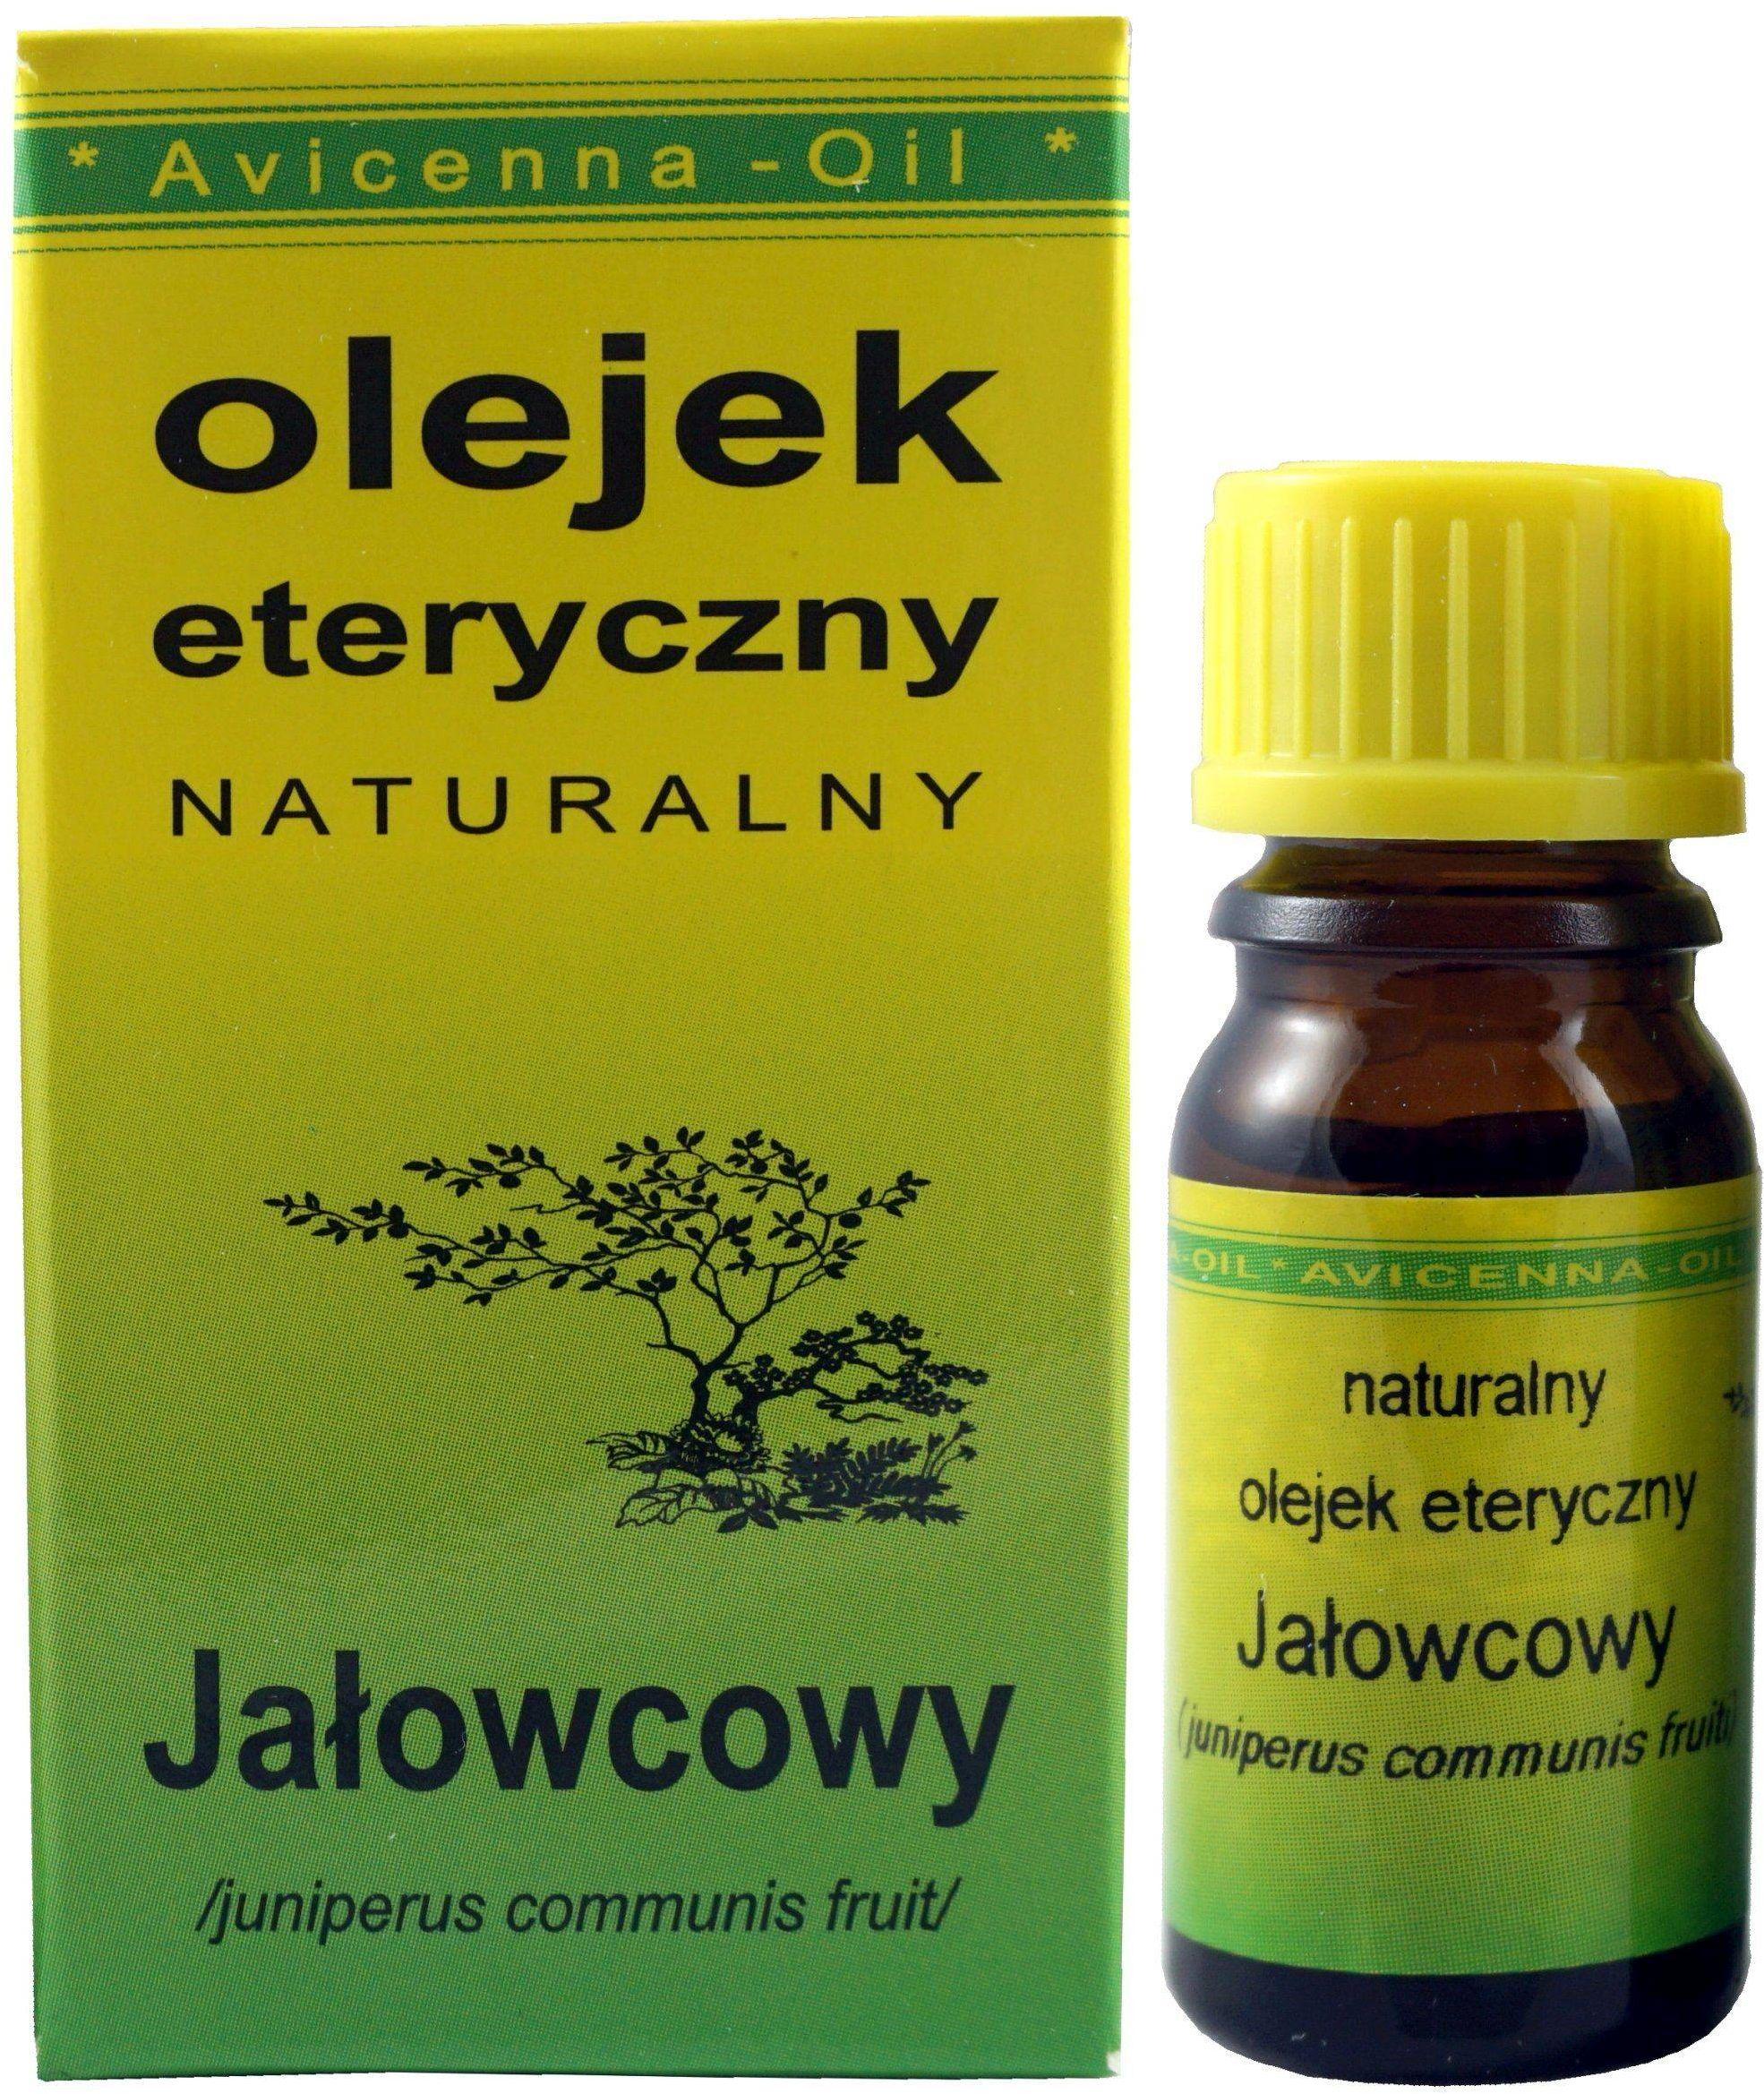 Olejek eteryczny Jałowcowy - 7ml - Avicenna Oil